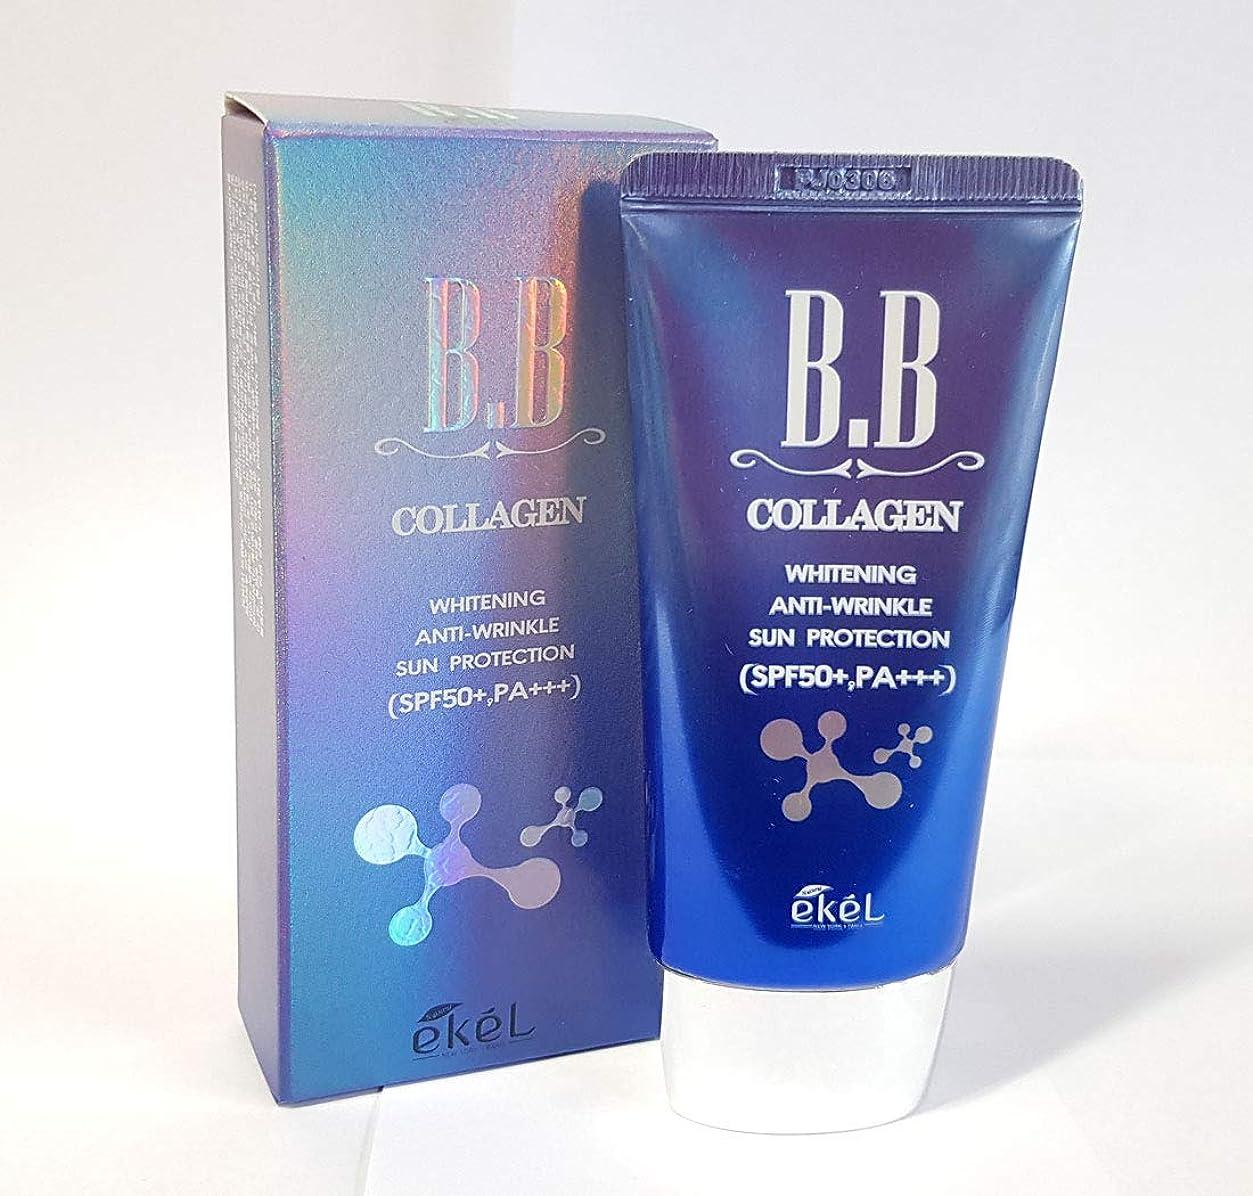 気取らないキルス詳細な[EKEL] コラーゲンBBクリーム50ml / Collagen BB Cream 50ml / SPF50+,PA+++ / ホワイトニング、アンチリンクル、サンプロテクション/Whitening, Anti-Wrinkle, Sun protection/韓国化粧品/Korean Cosmetics [並行輸入品]